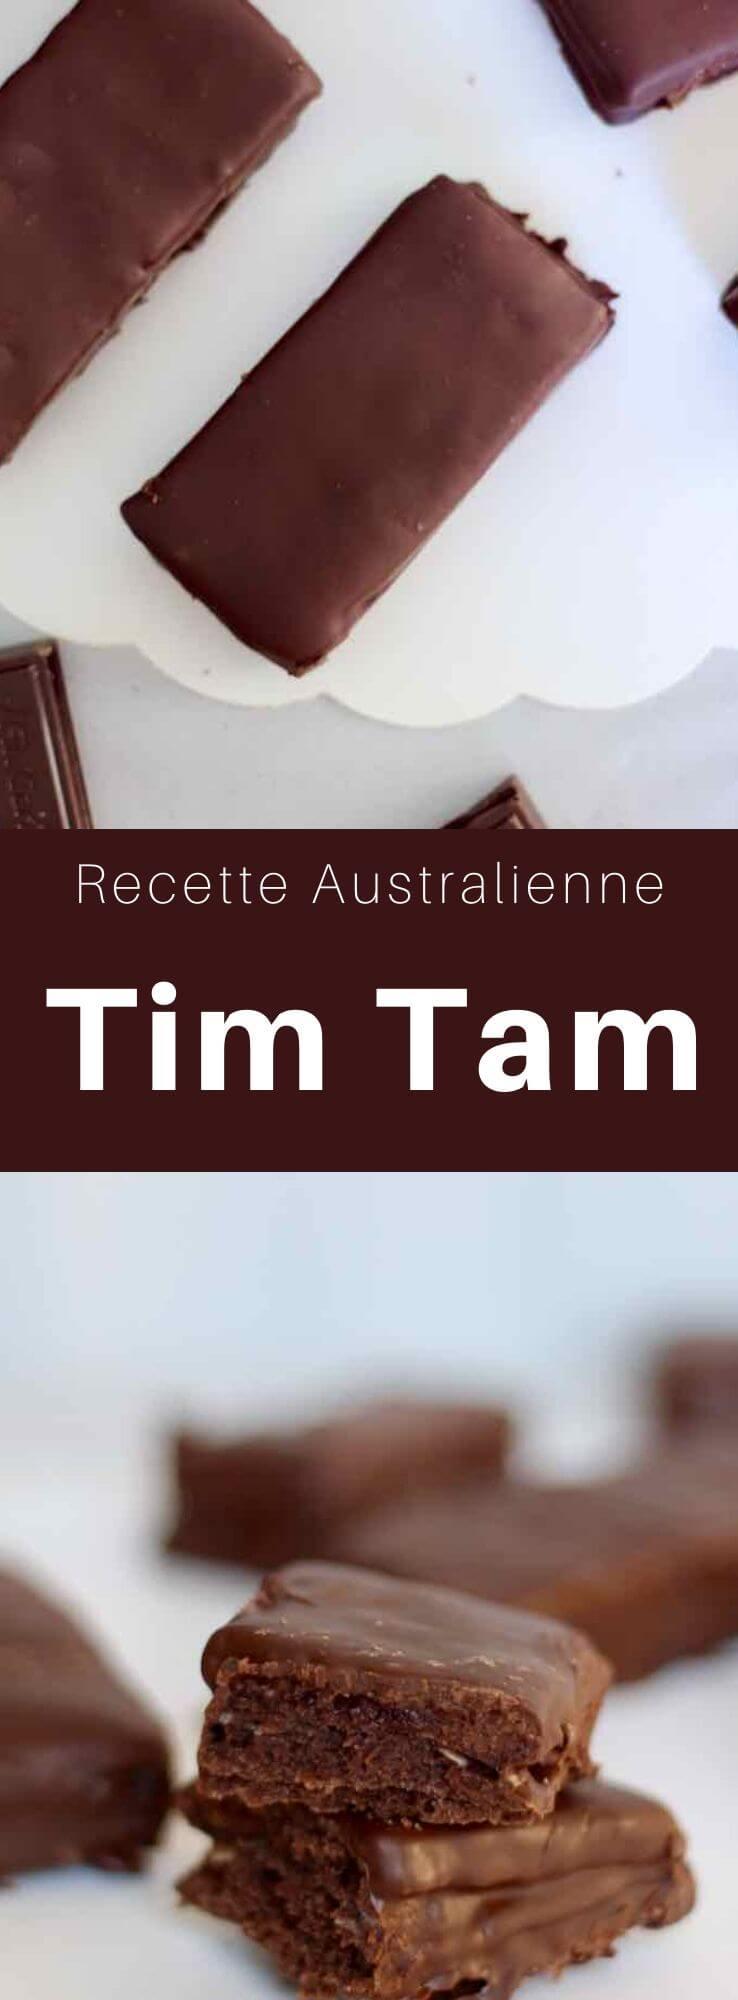 Le Tim Tam est un célèbre gâteau australien : une crème chocolatée maltée prise en sandwich entre 2 biscuits chocolatés et recouverts de chocolat au lait. #Australie #RecetteAustralienne #CuisineDuMonde #196flavors